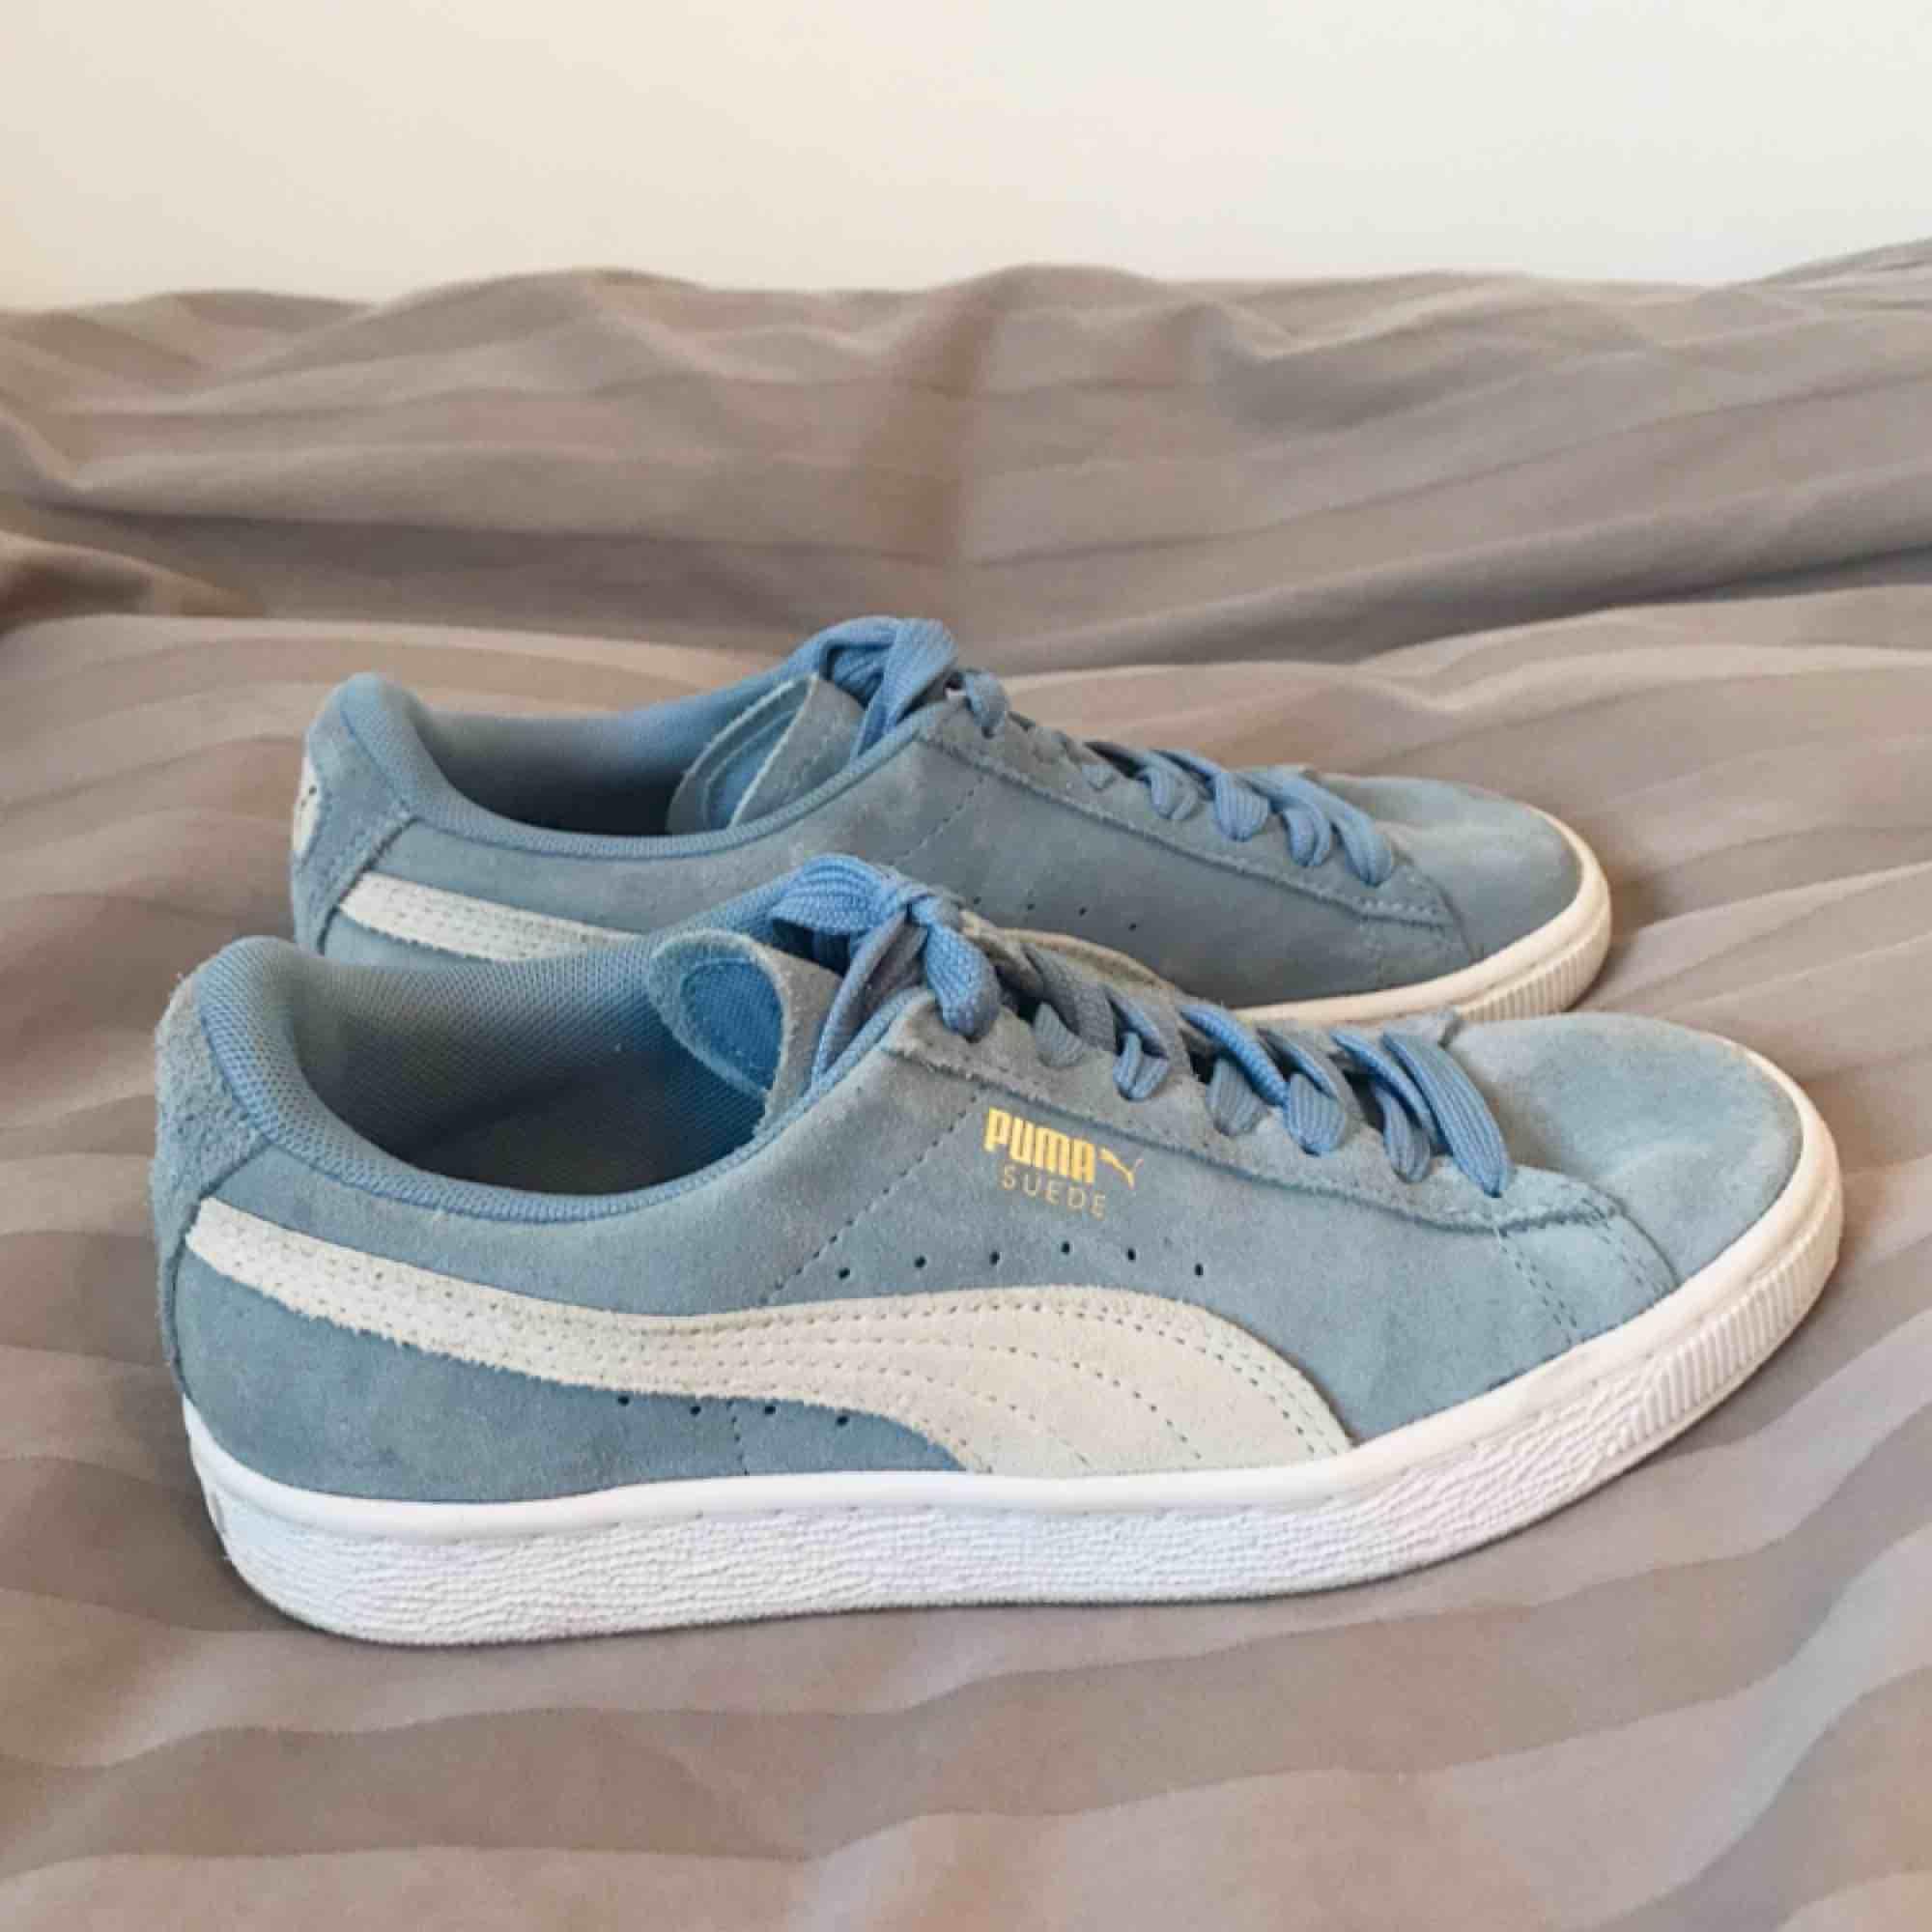 Säljer mina super fina Puma Suede skor som är inköpte i USA förra året. Skorna är knappt använda och där av säljer jag dom. . Skor.